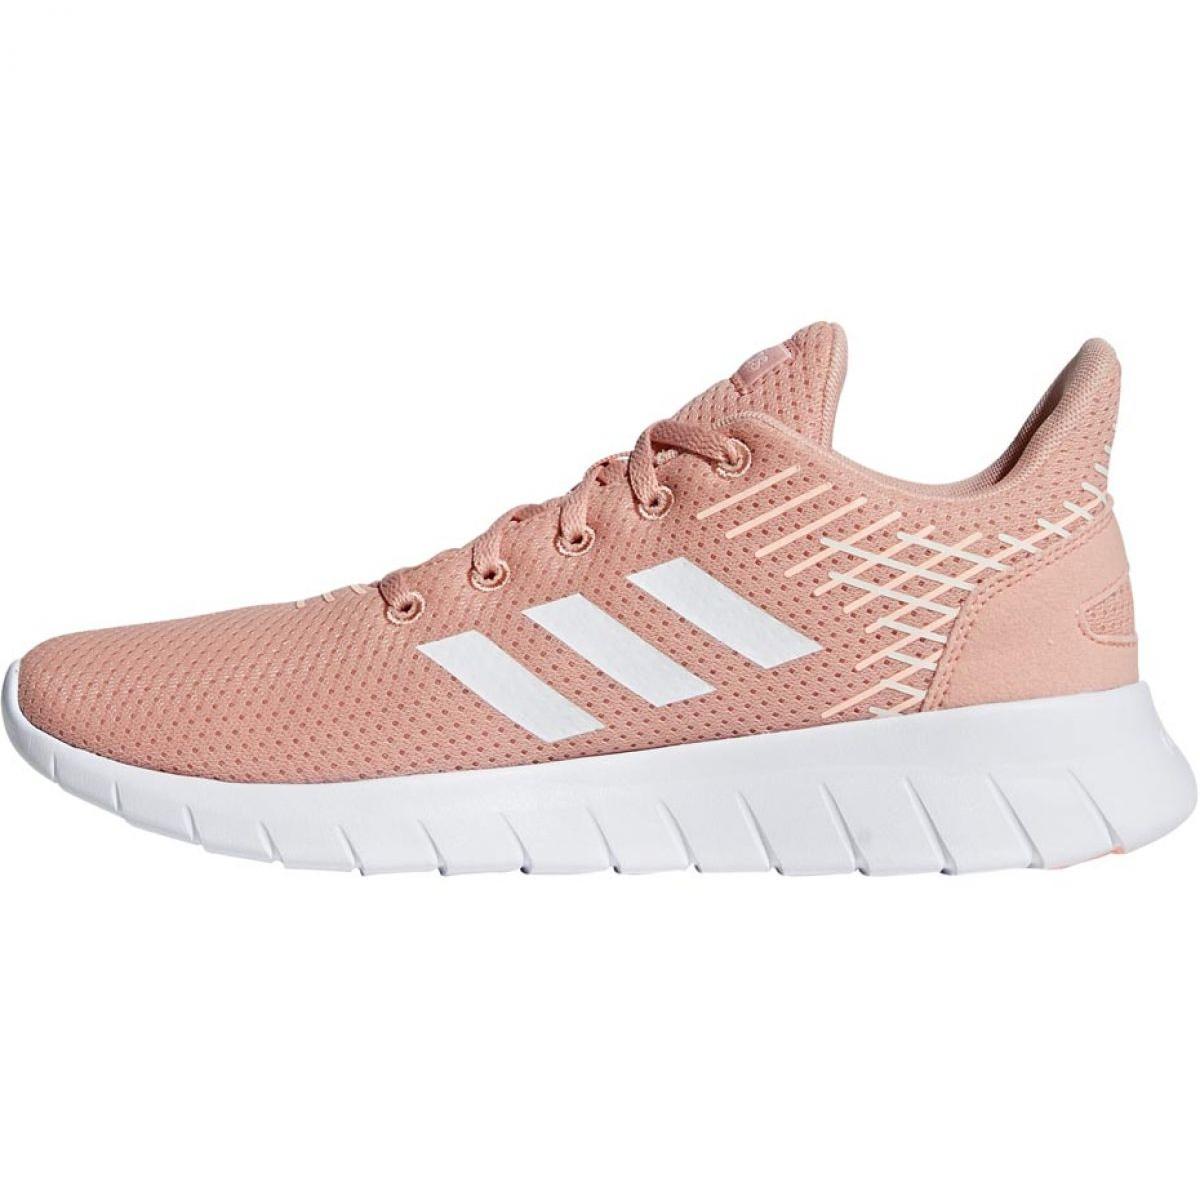 Buty adidas Asweerun W F36733 różowe